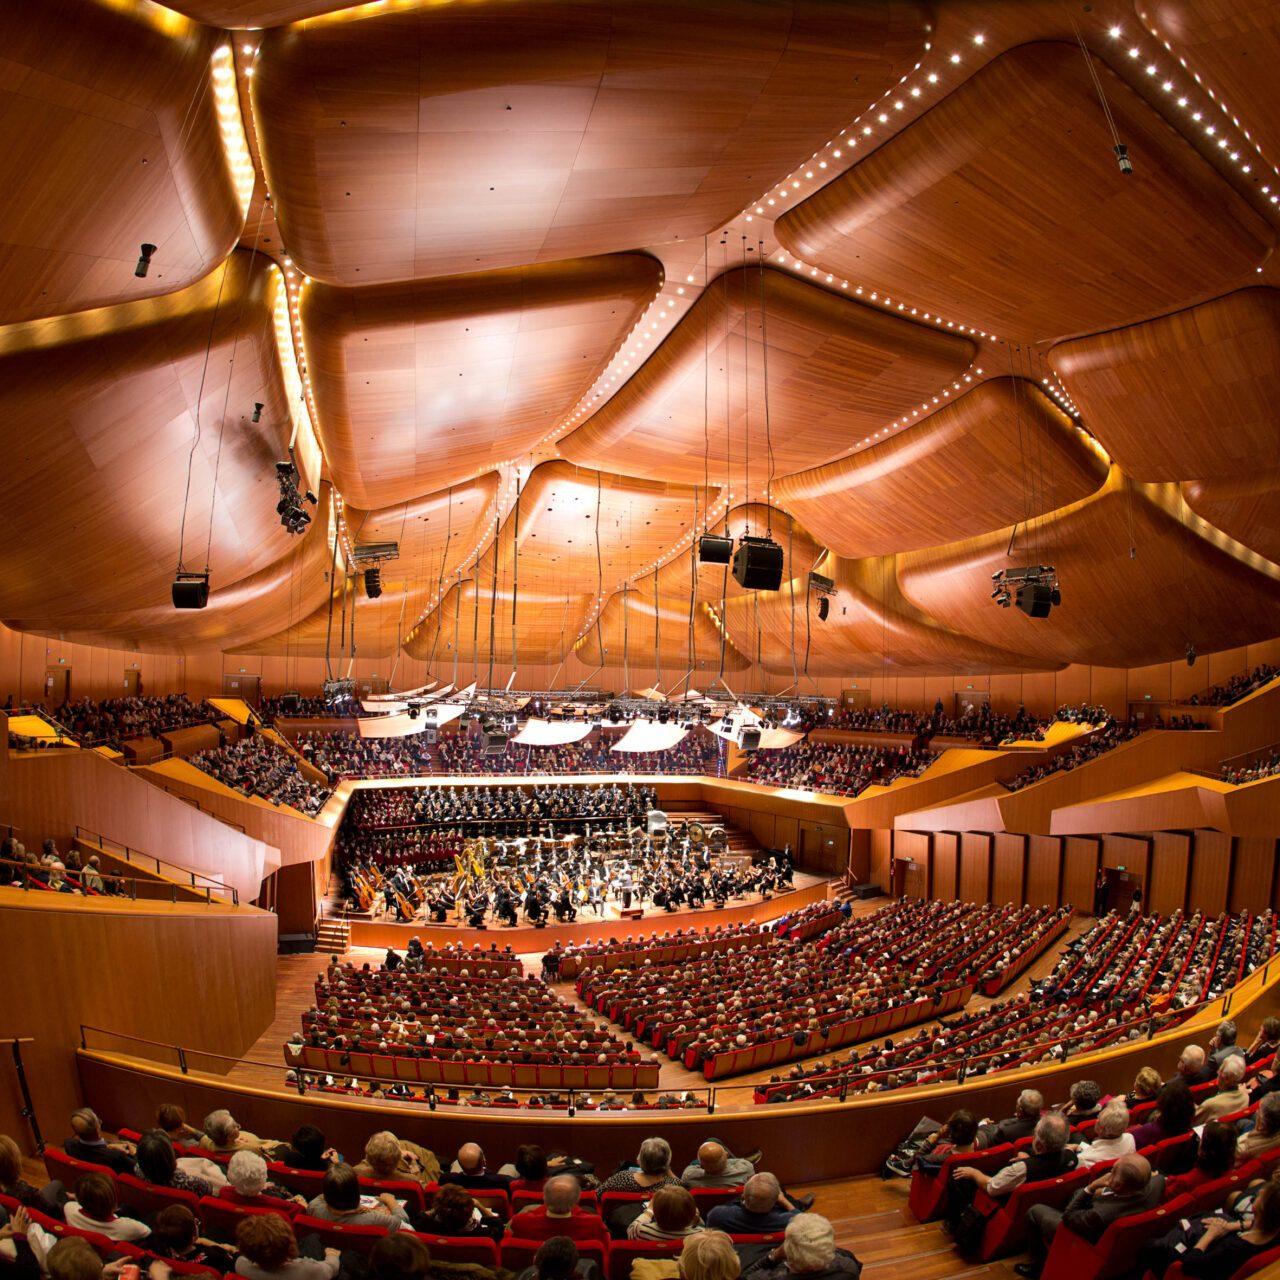 Roma, Auditorium Parco della Musica 28 10 2014. Inaugurazione Stagione di Musica Sinfonica. Orchestra e Coro dell'Accademia Nazionale di Santa Cecilia, Coro di Voci Bianche, Antonio Pappano direttore, Evgenij Kissin pianoforte, Ciro Visco maestro del Coro.  ©Musacchio & Ianniello ******************************************************* NB la presente foto puo' essere utilizzata esclusivamente per l'avvenimento in oggetto o  per pubblicazioni riguardanti l'Accademia Nazionale di Santa Cecilia *******************************************************